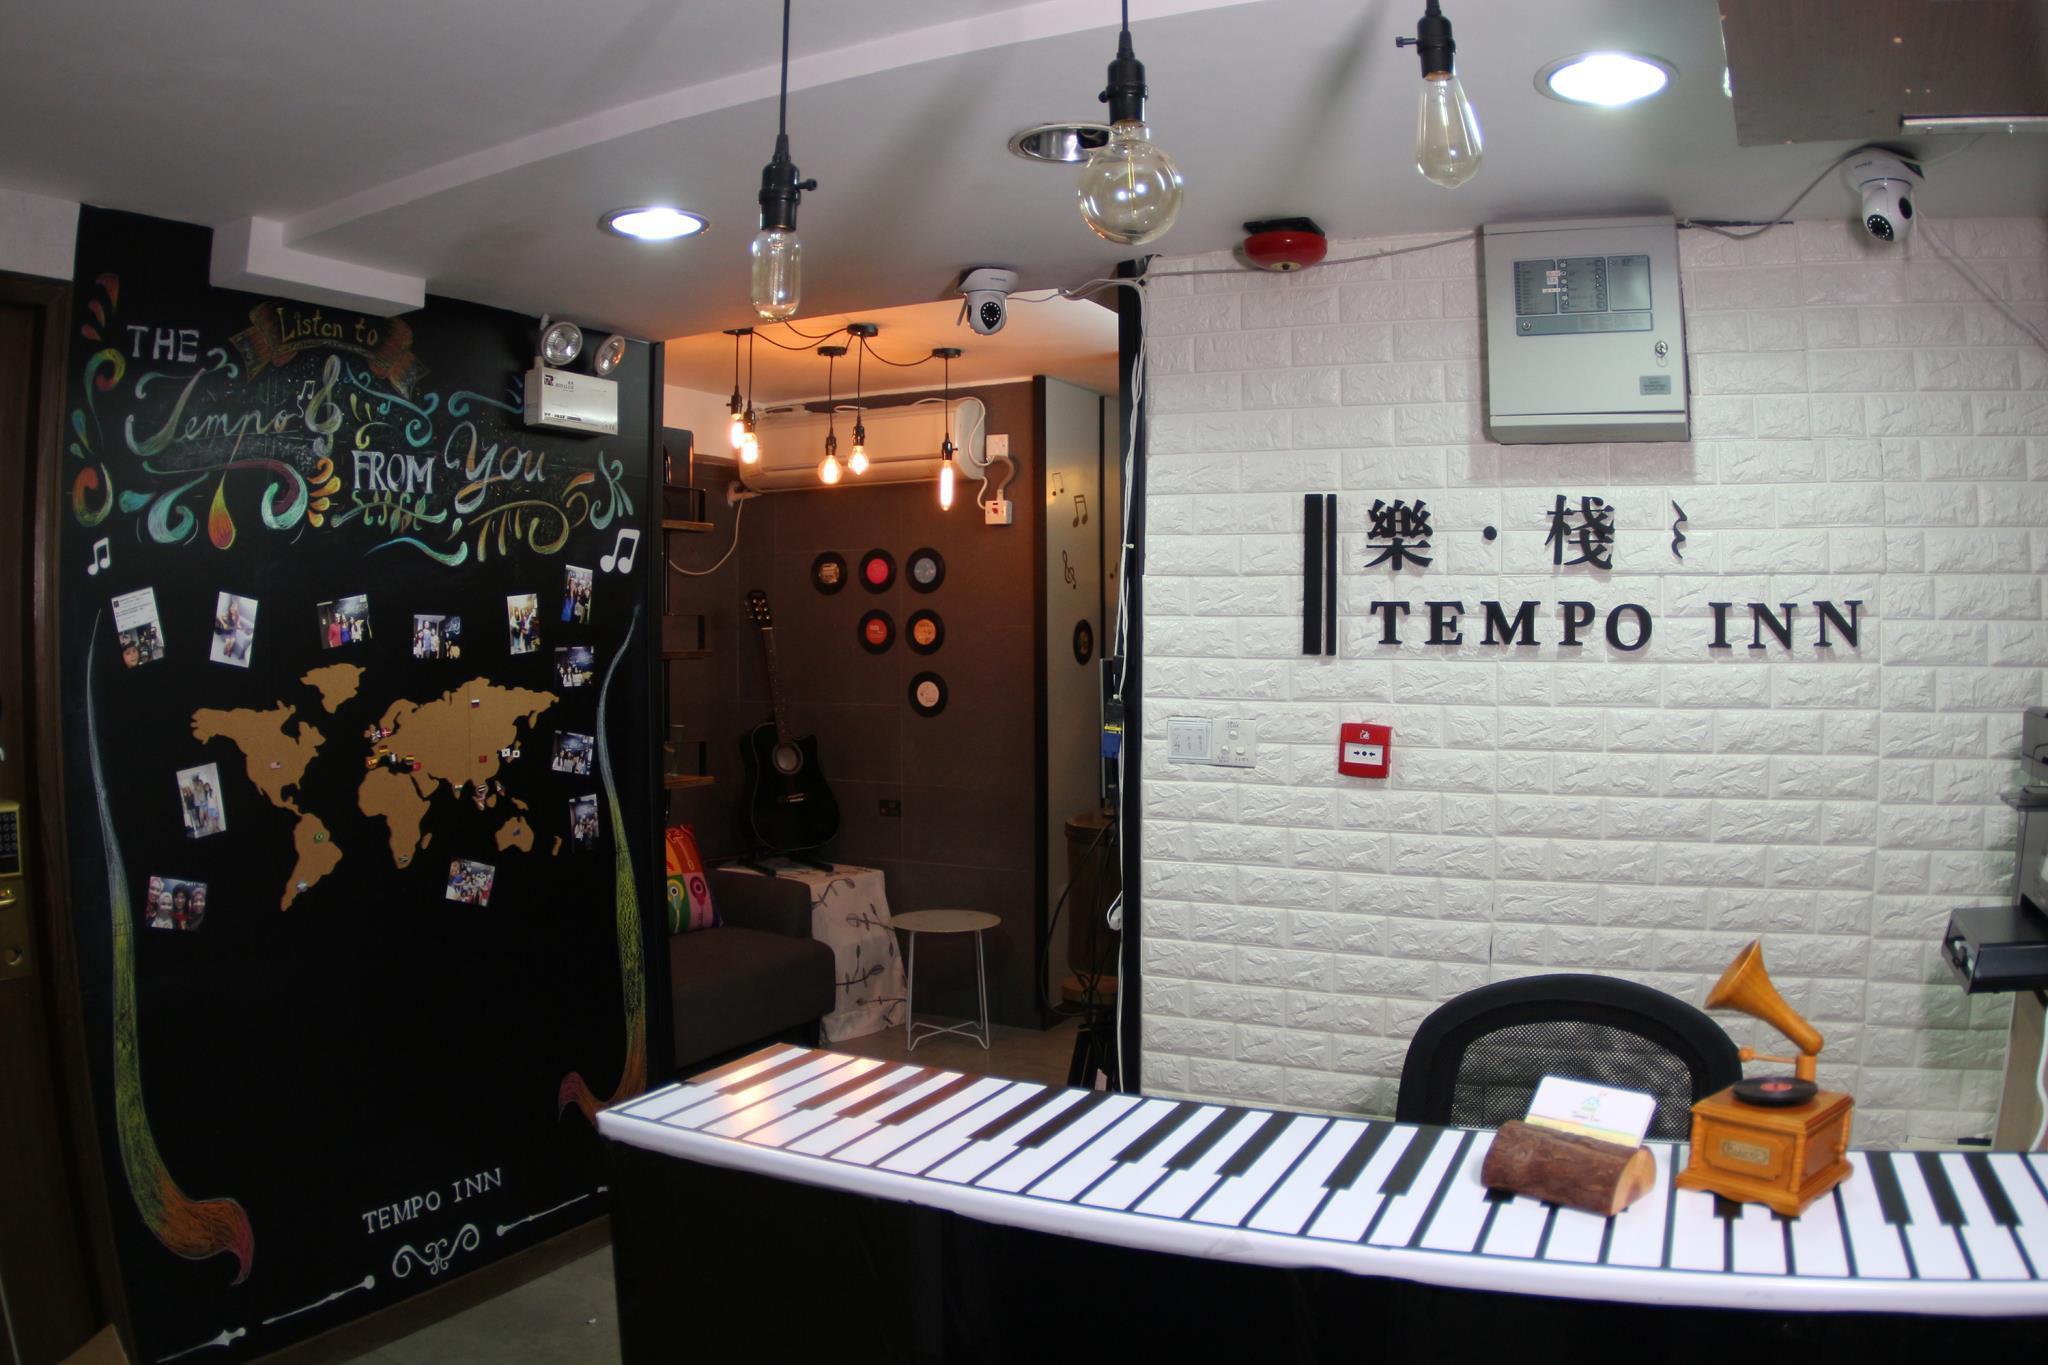 Tempo Inn @David Mansion